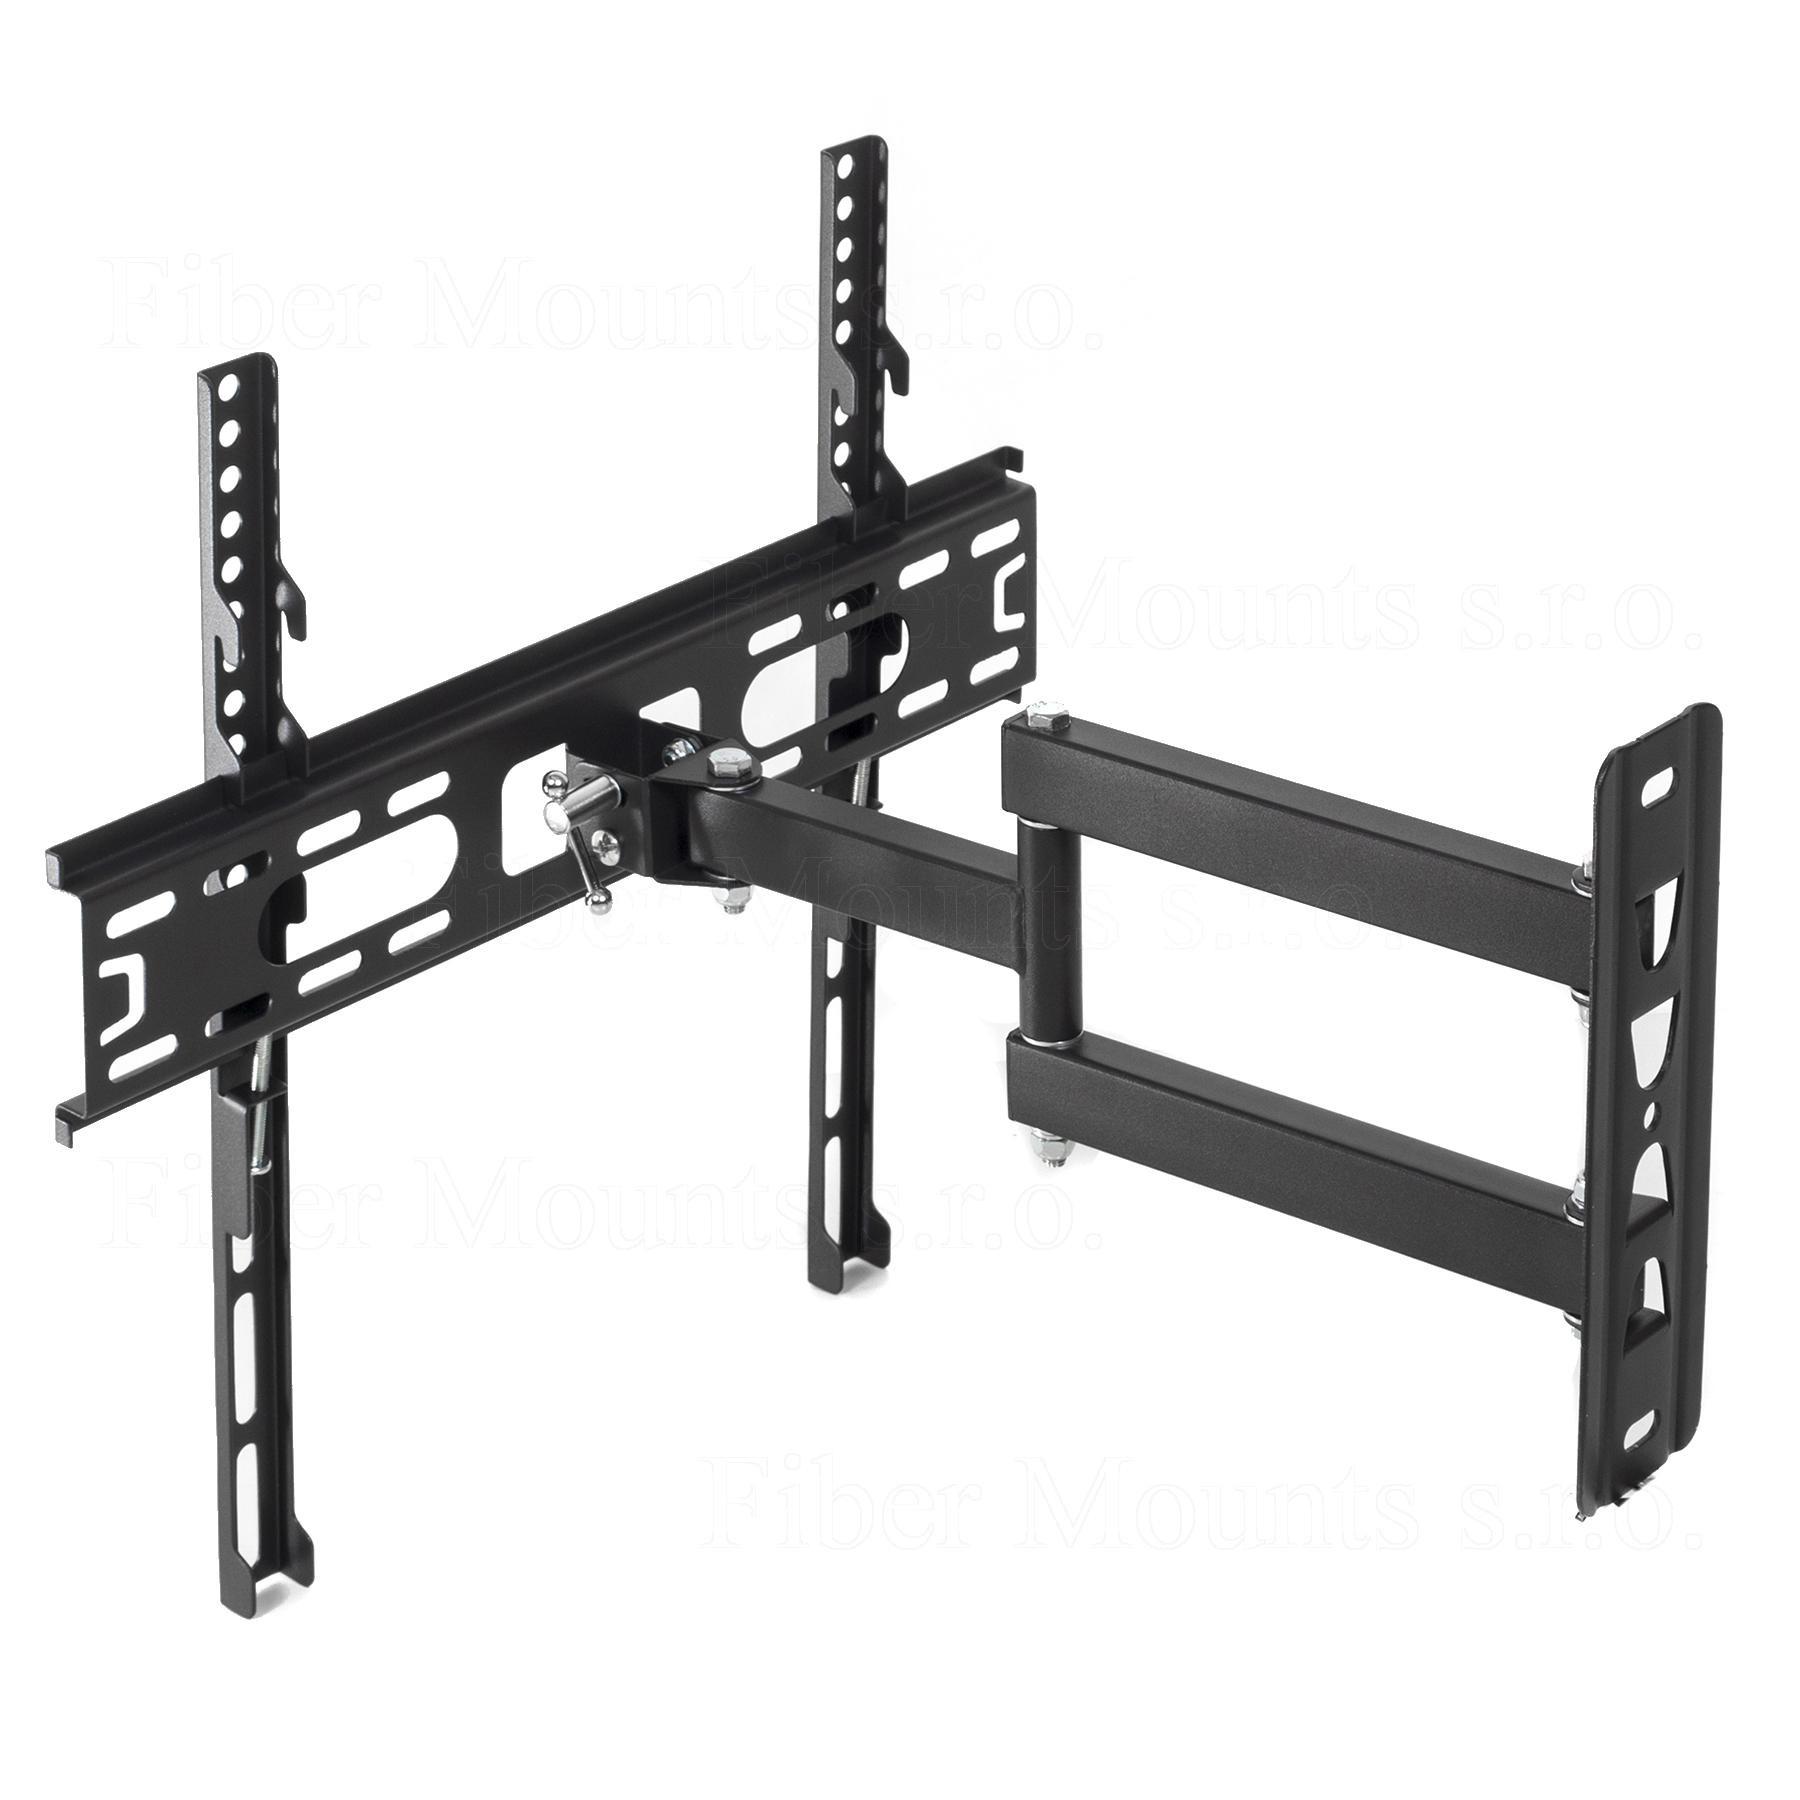 Levný kloubový držák pro zavěšení televize na stěnu, výborná kvalita, ocelová konstrukce, spolehlivý a bezpečný. Otáčení televize na obě strany, naklonění obrazovky nahoru nebo dole, odsunutí nebo přisunutí ke zdi. Nosnost 30kg, VESA standardy 100x100 až 400x400 - držák Fiber Mounts FM761 / drzakyastolky.cz